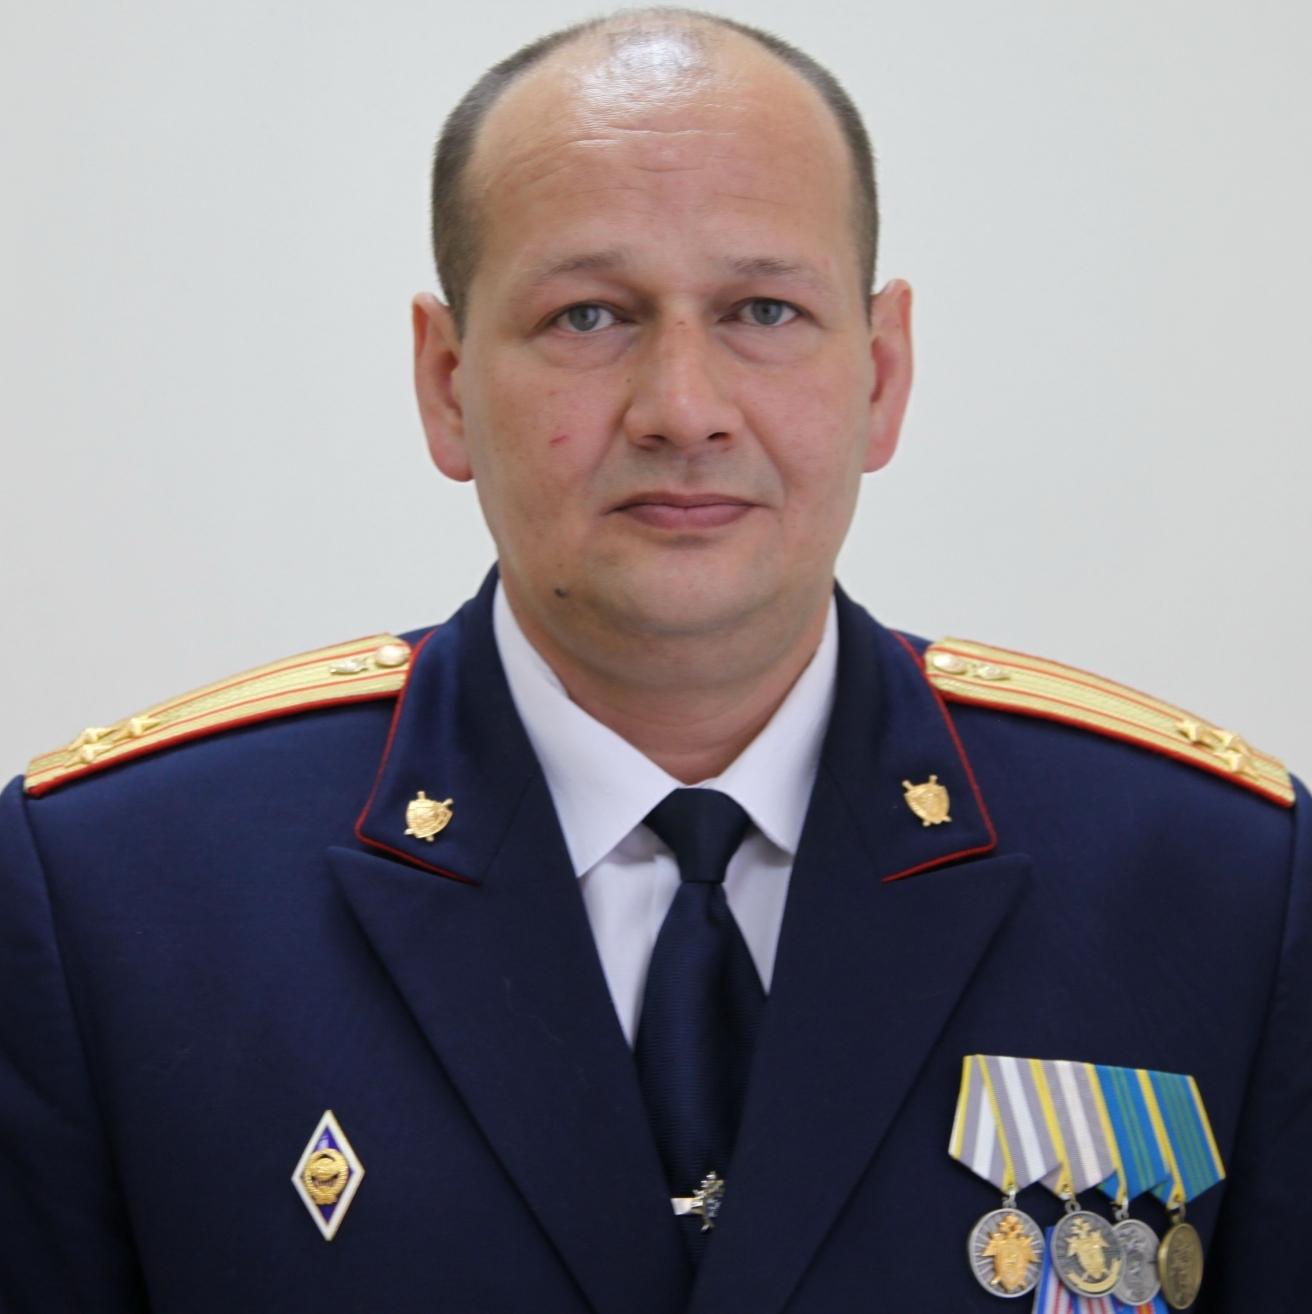 Новый главный следователь Югры официально представлен подчинённым. Игубернатору